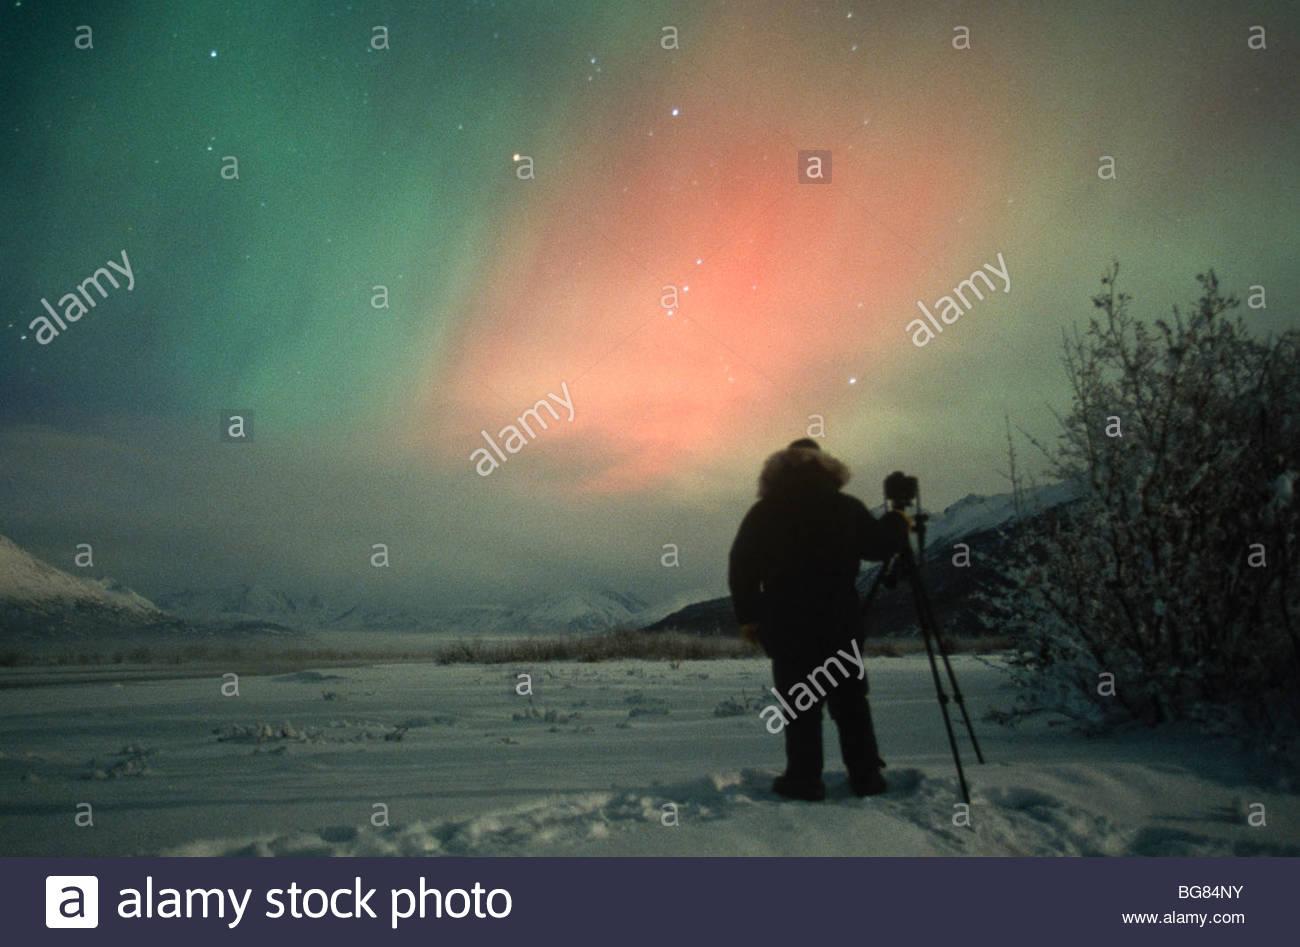 De l'Alaska. Aurora Borealis ou northern lights a observé par le photographe Cary Anderson. Photo Stock